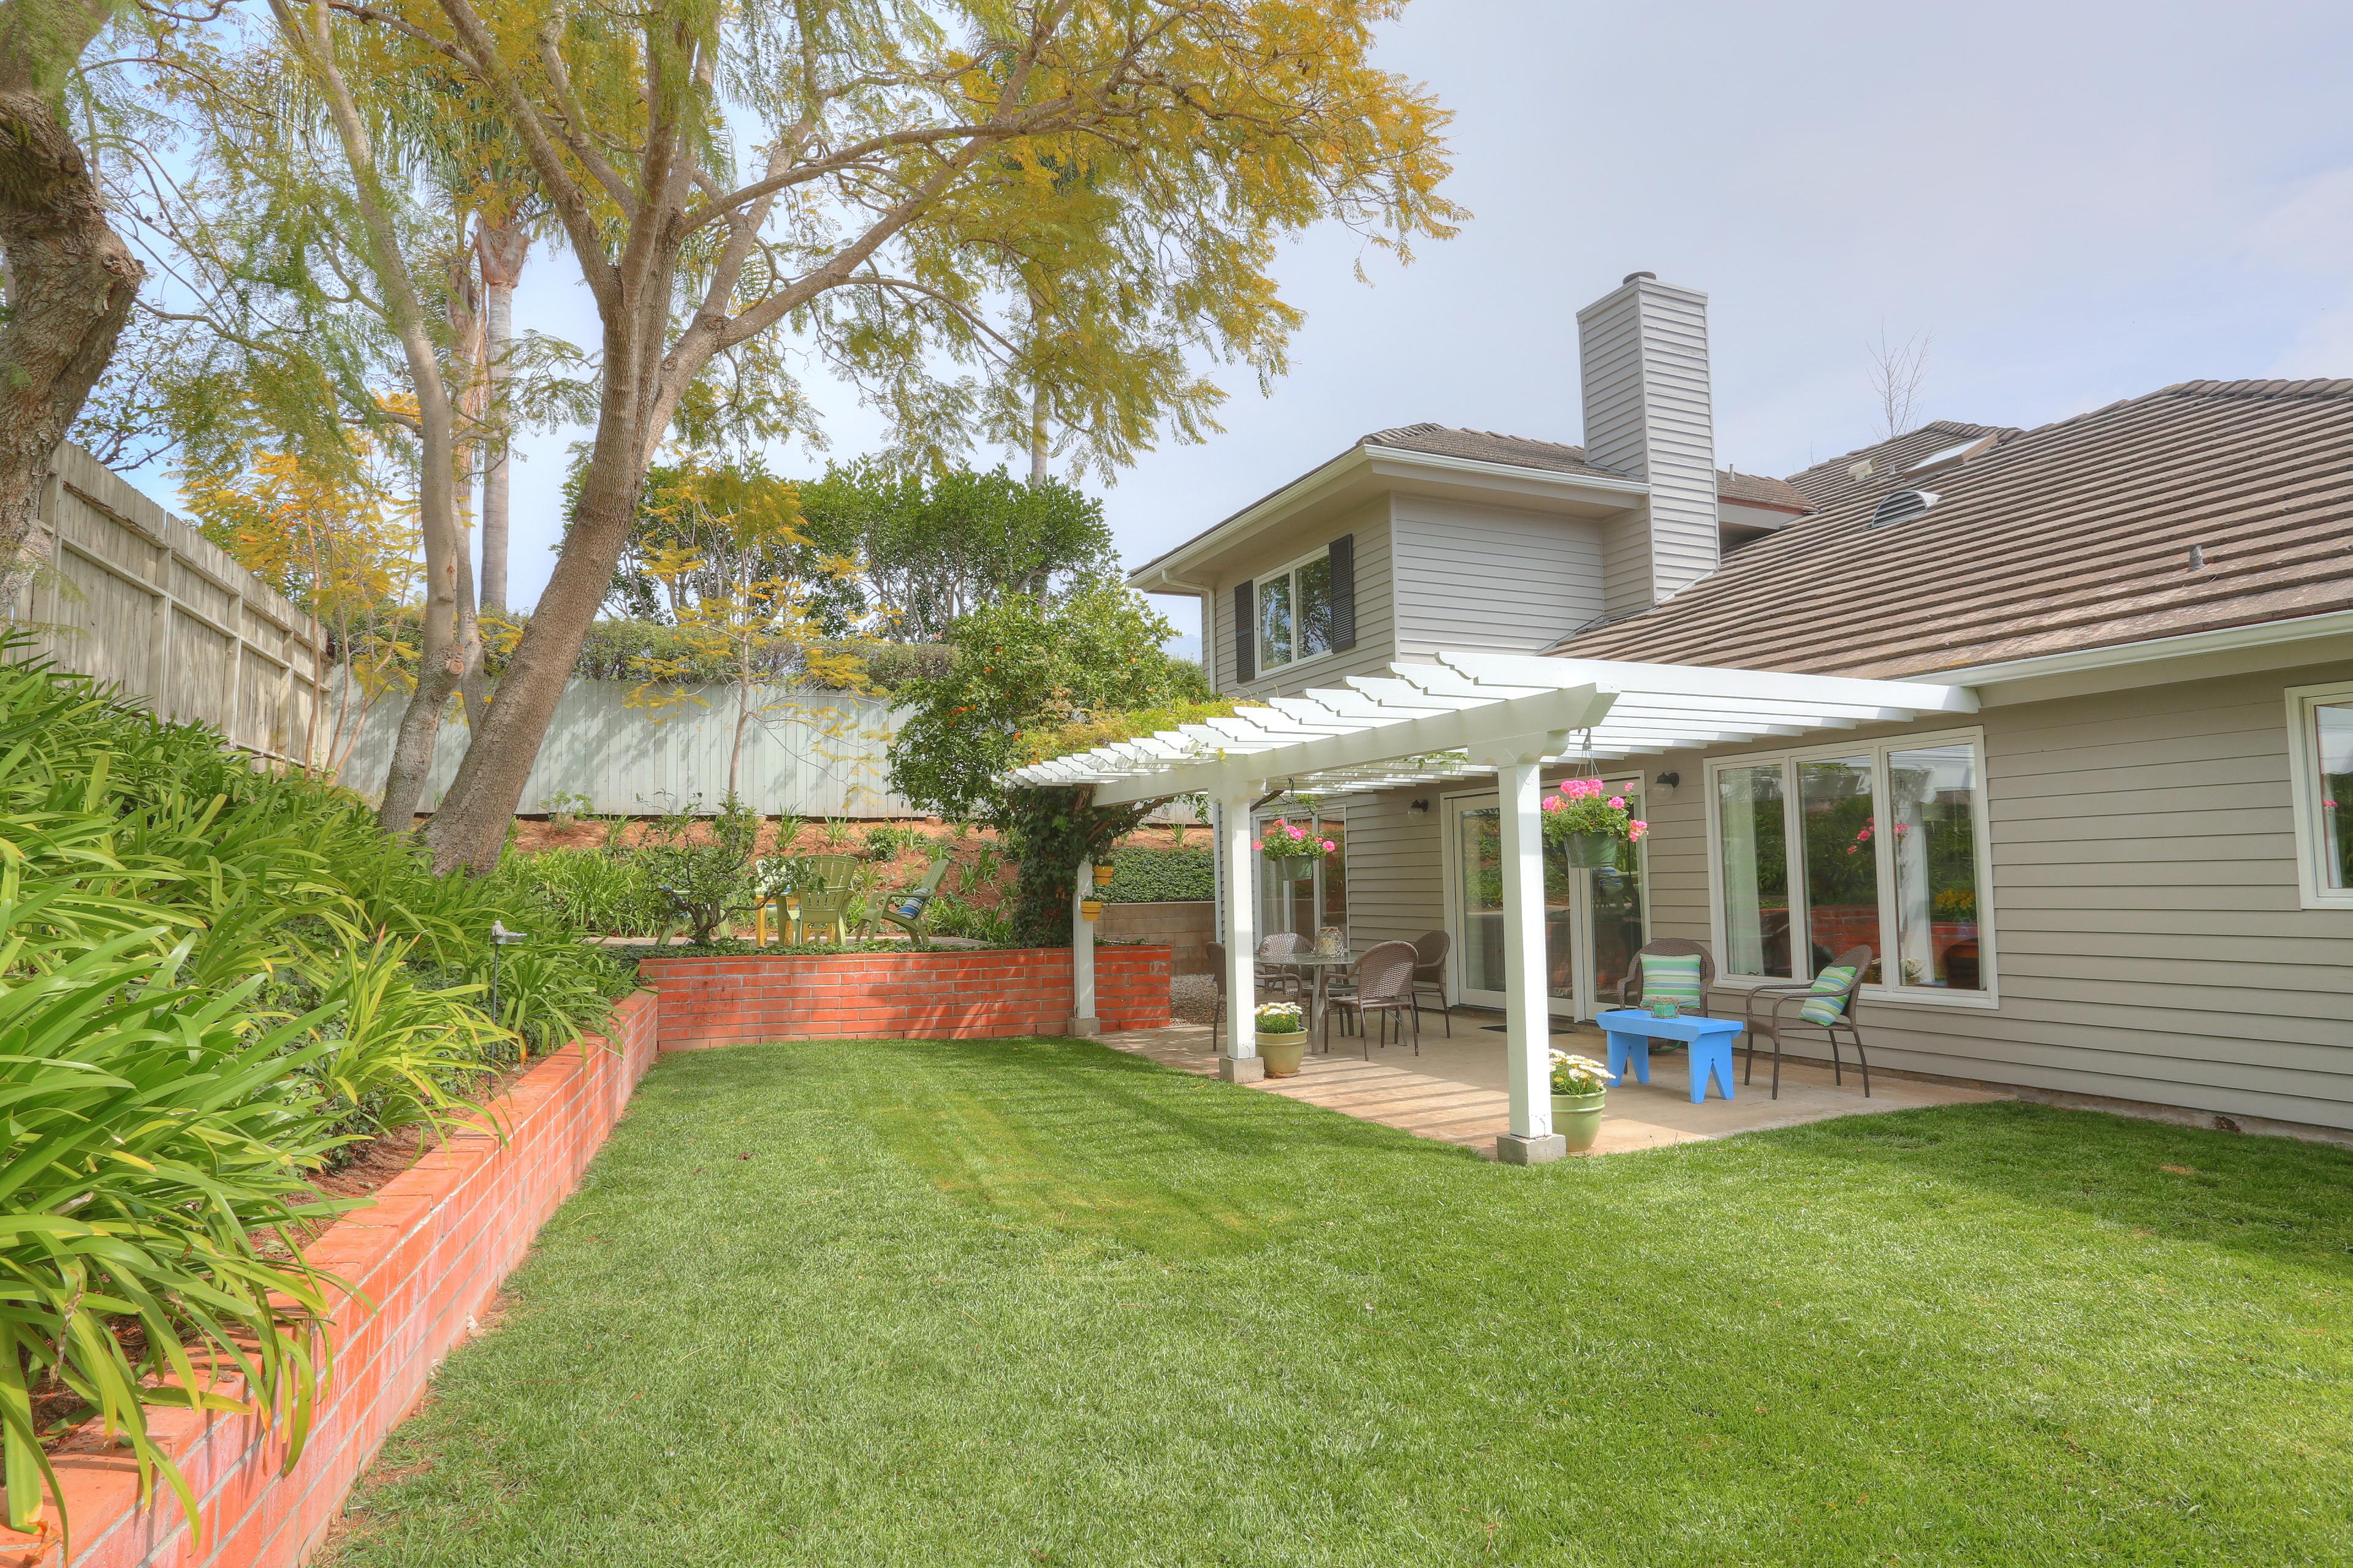 3739 Lincolnwood Dr - Backyard & Wall